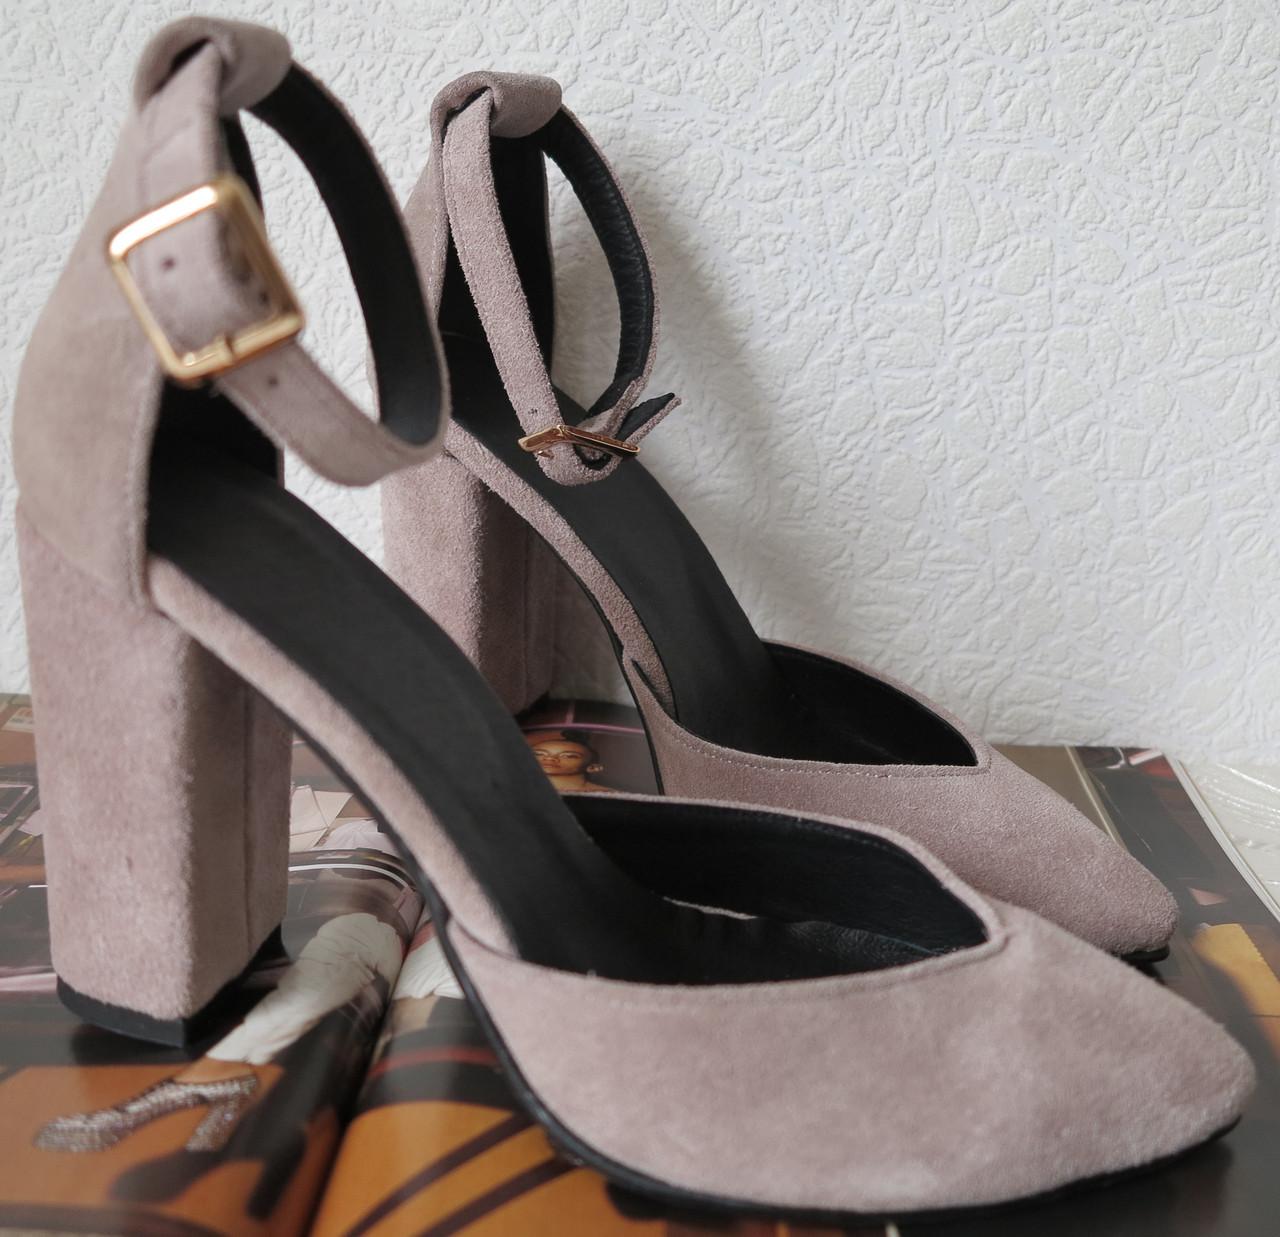 f573643b6bf5 Mante! Красивые женские кожаные босоножки туфли каблук 10 см весна лето  Латте ...